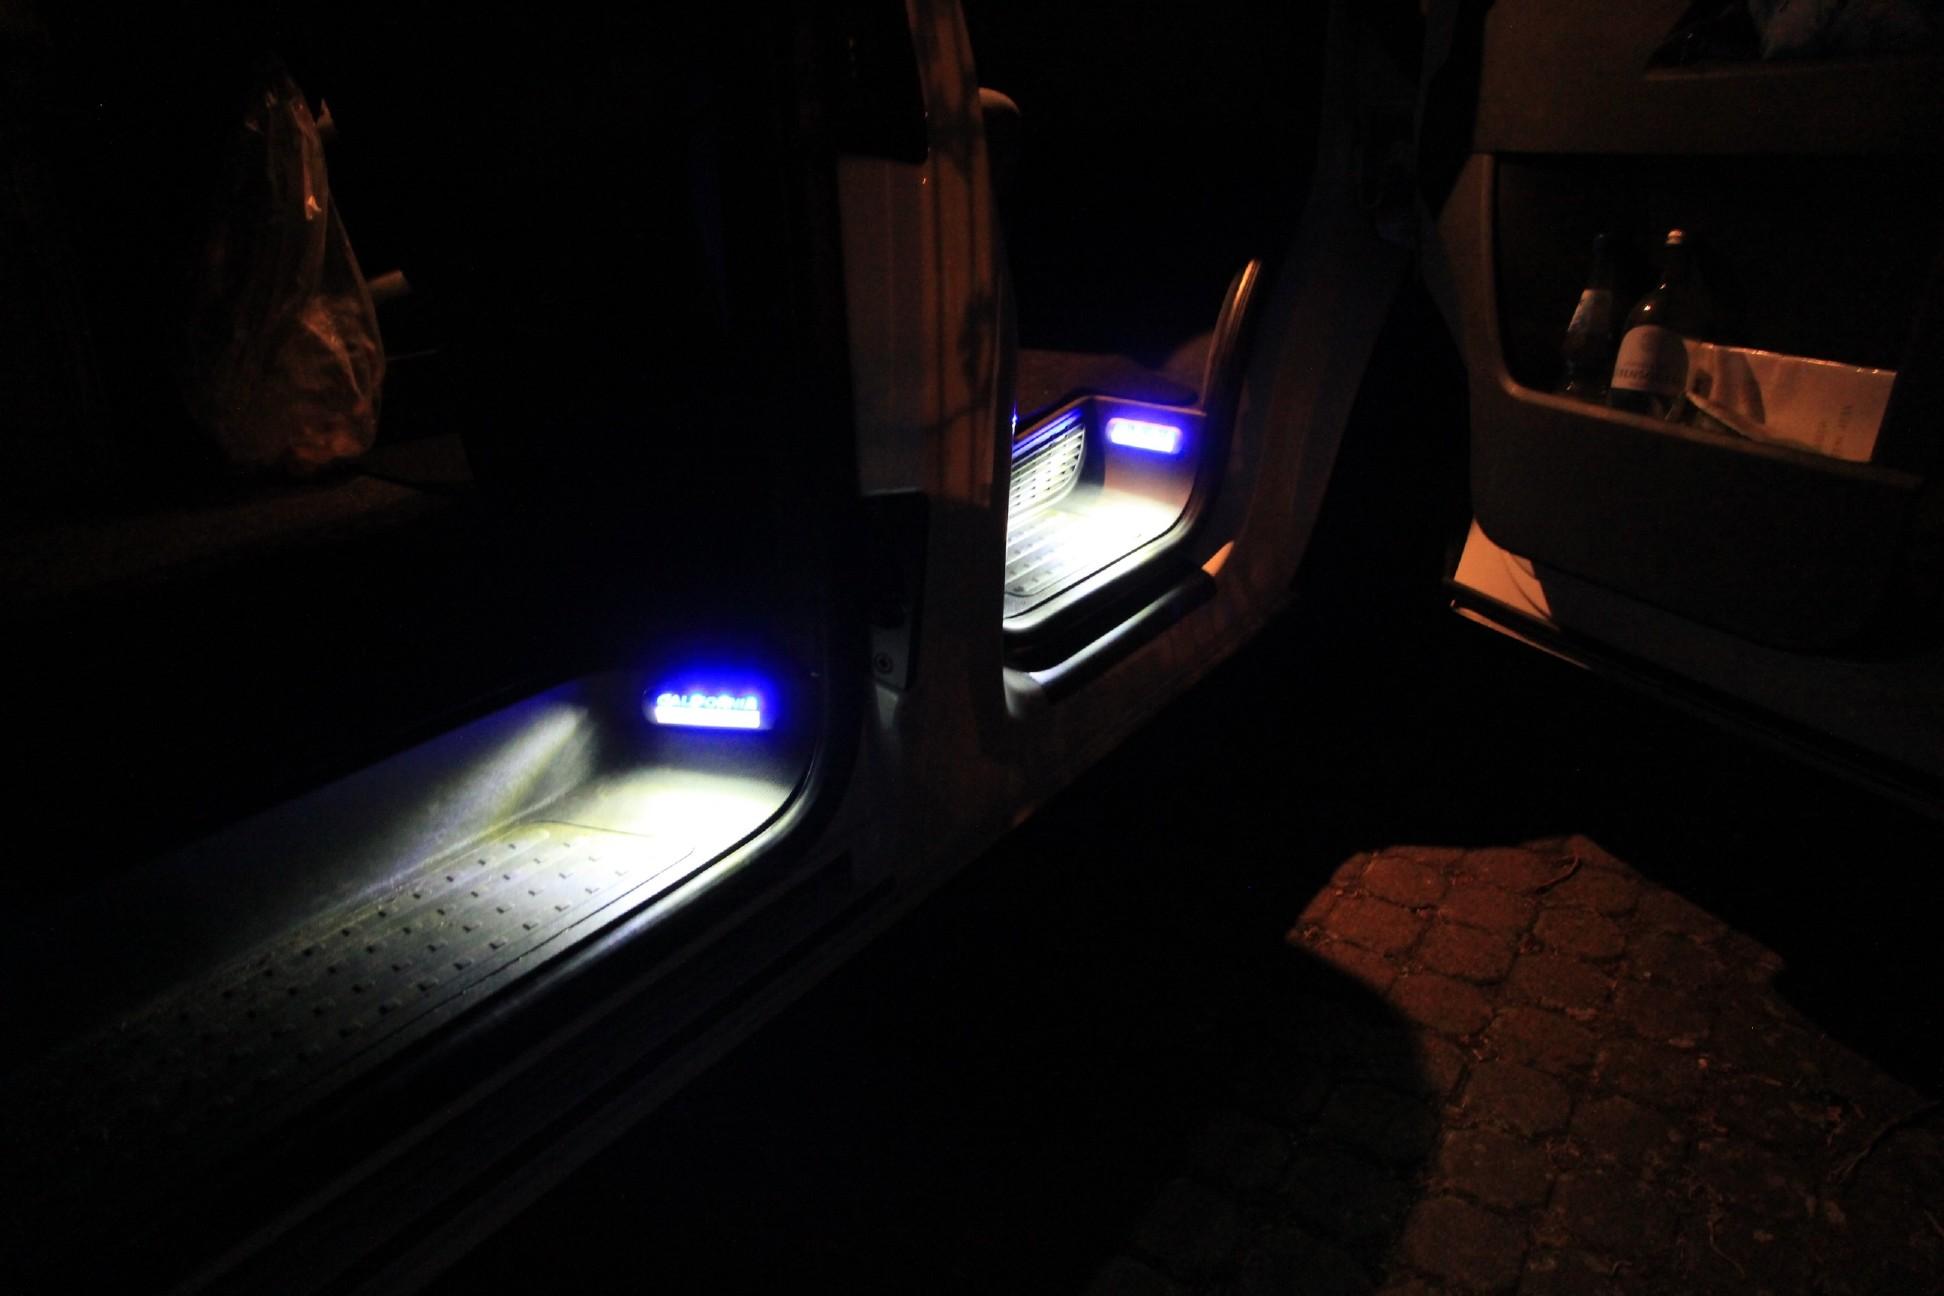 Lampen En Licht : Empfehlung: vw t5 trittstufenbeleuchtung auf led umbauen